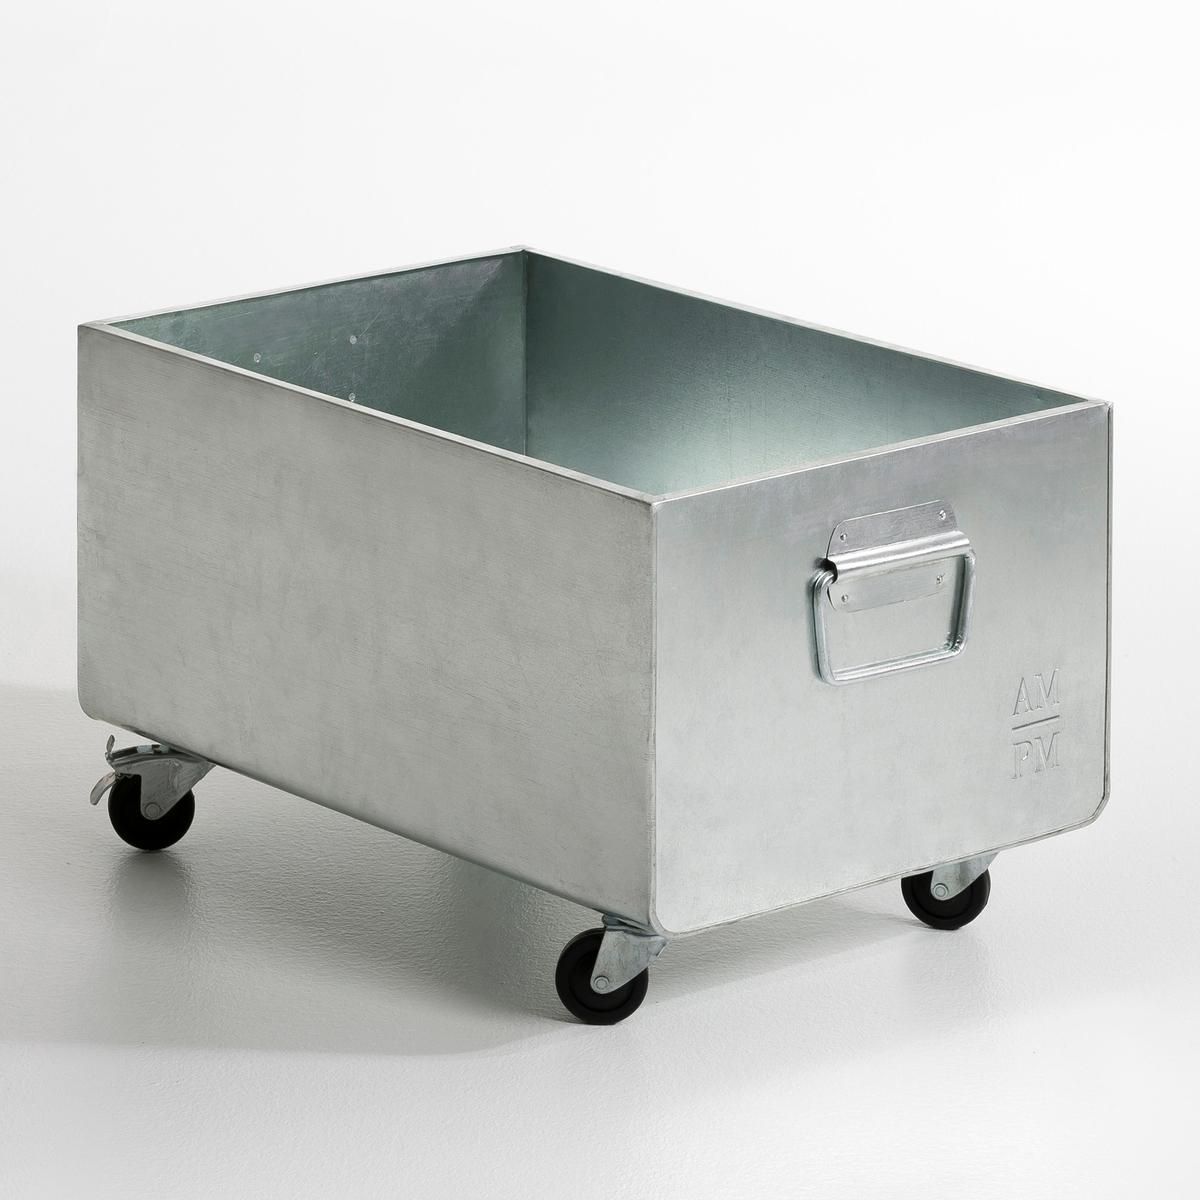 Ящик на колесах Toybox автодома на колесах бу купить в испании